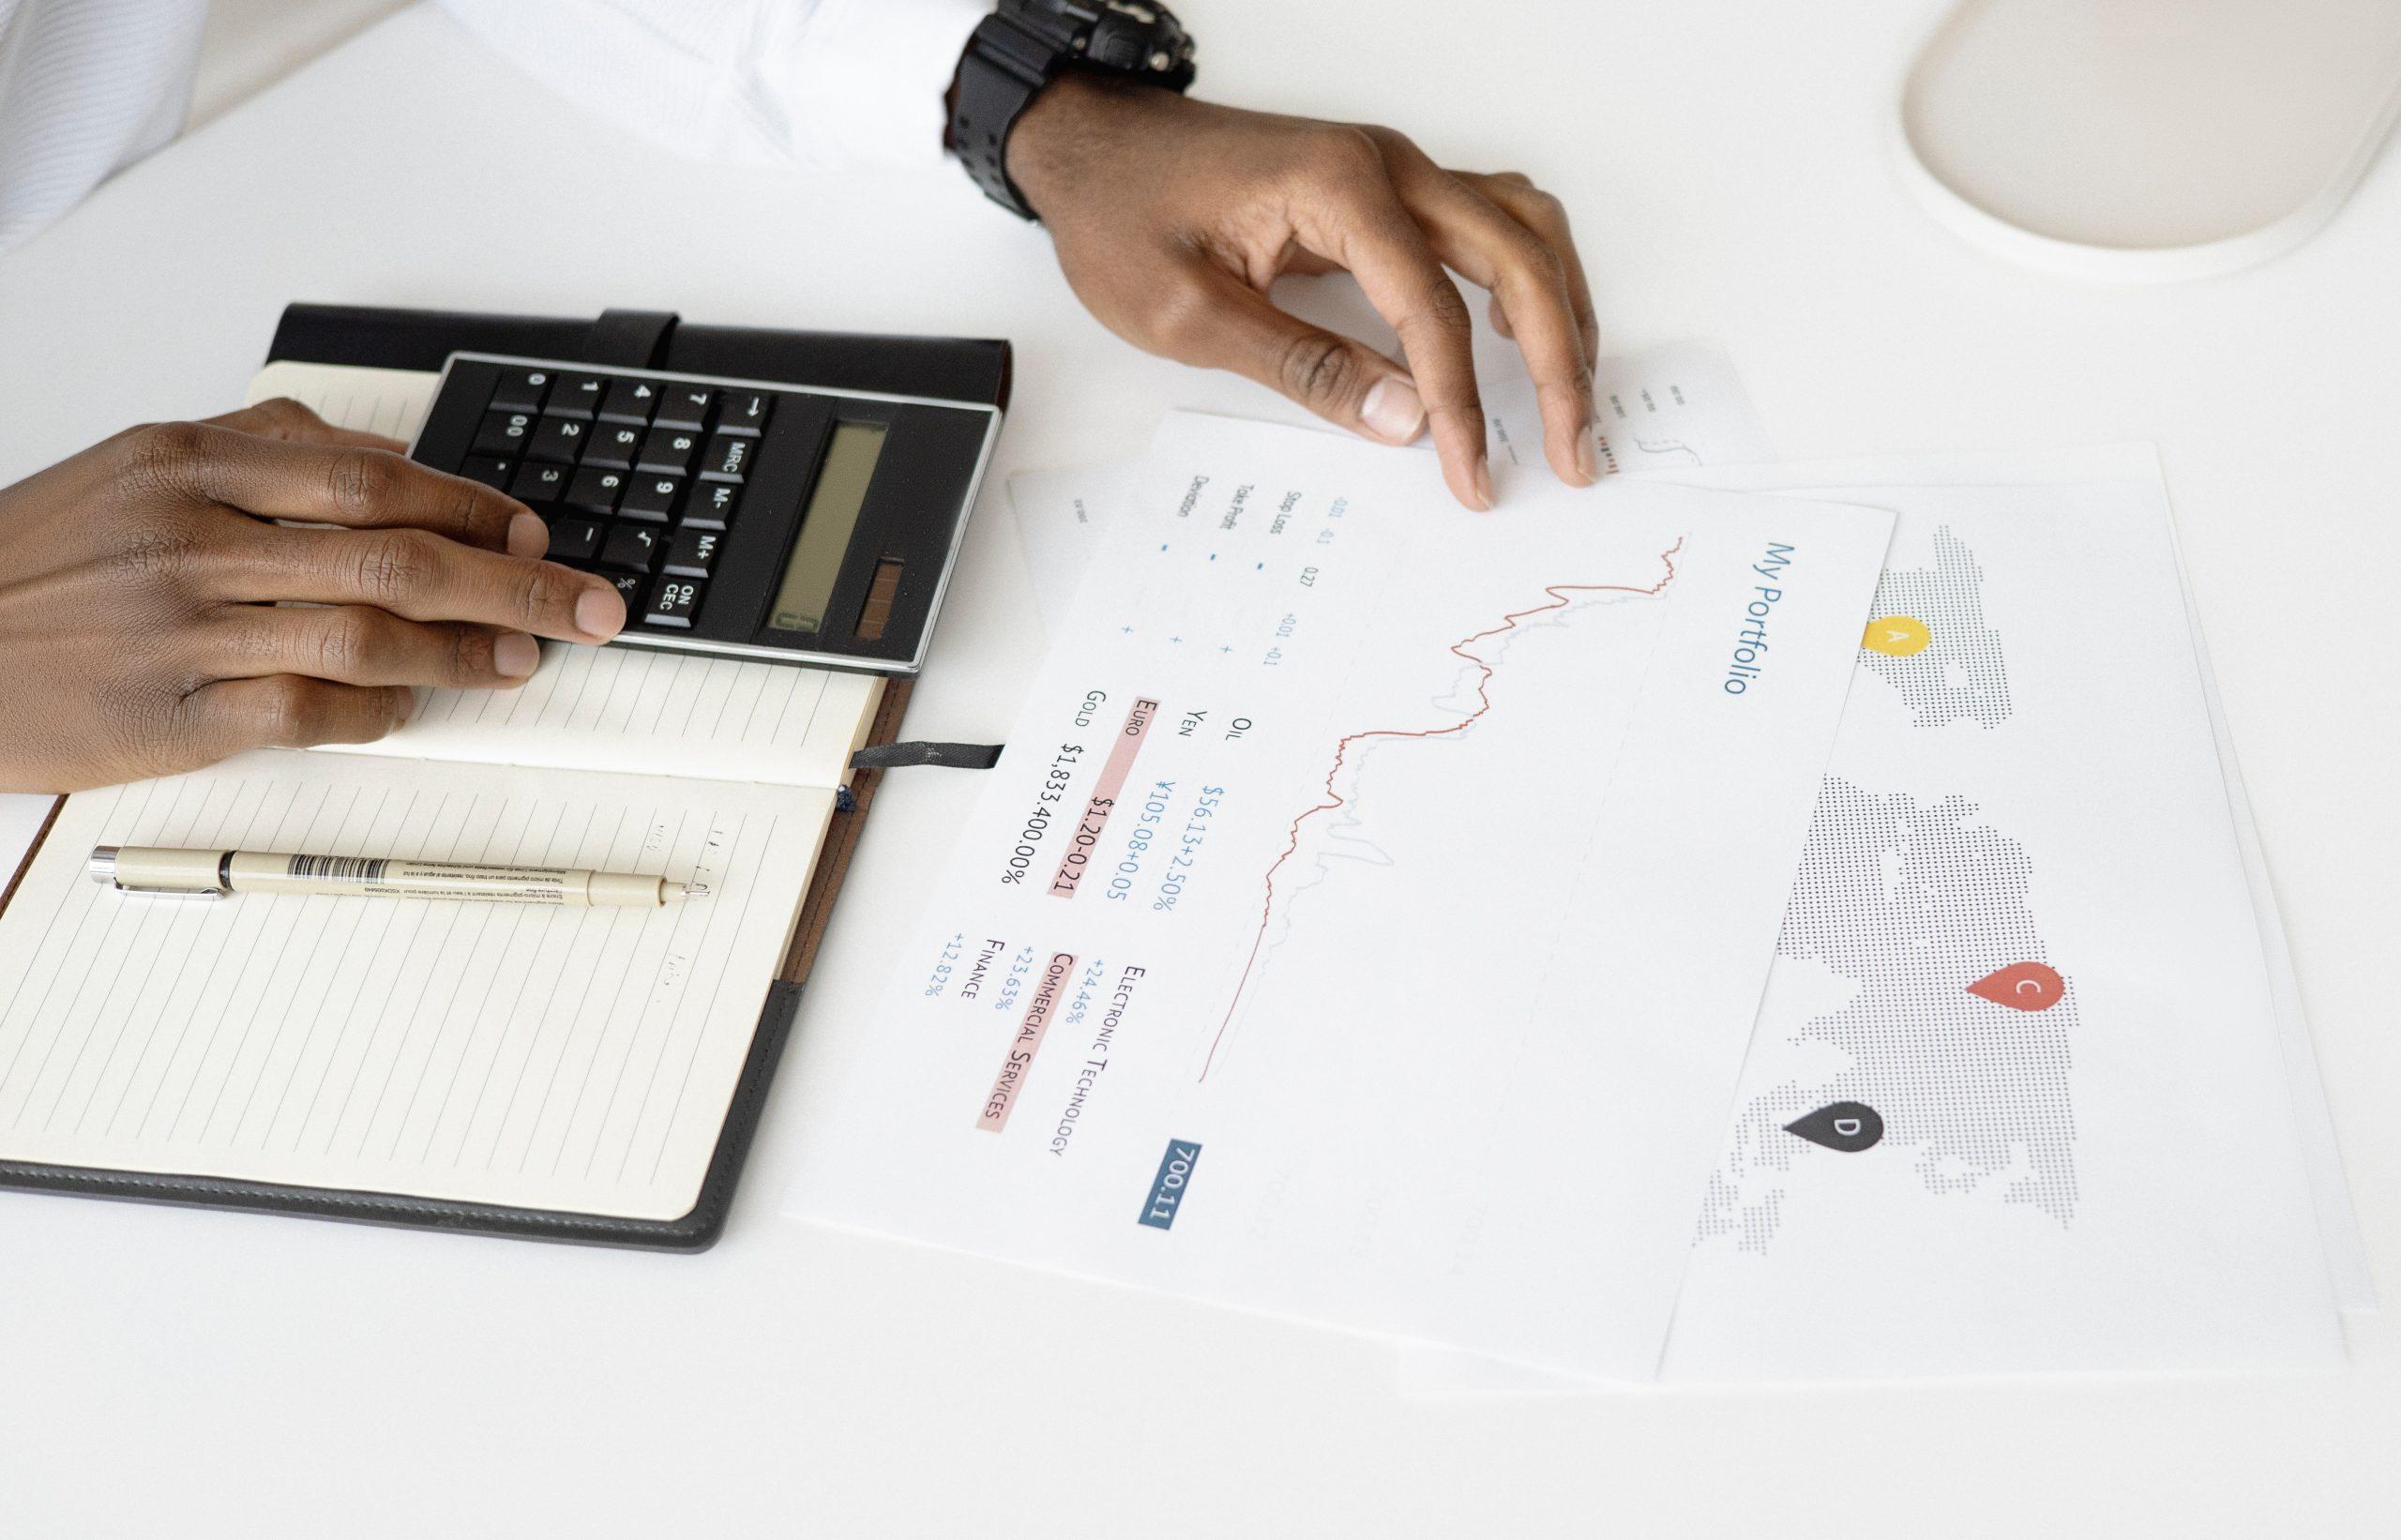 Beneficios de utilizar un CRM para organizar la contabilidad en una empresa